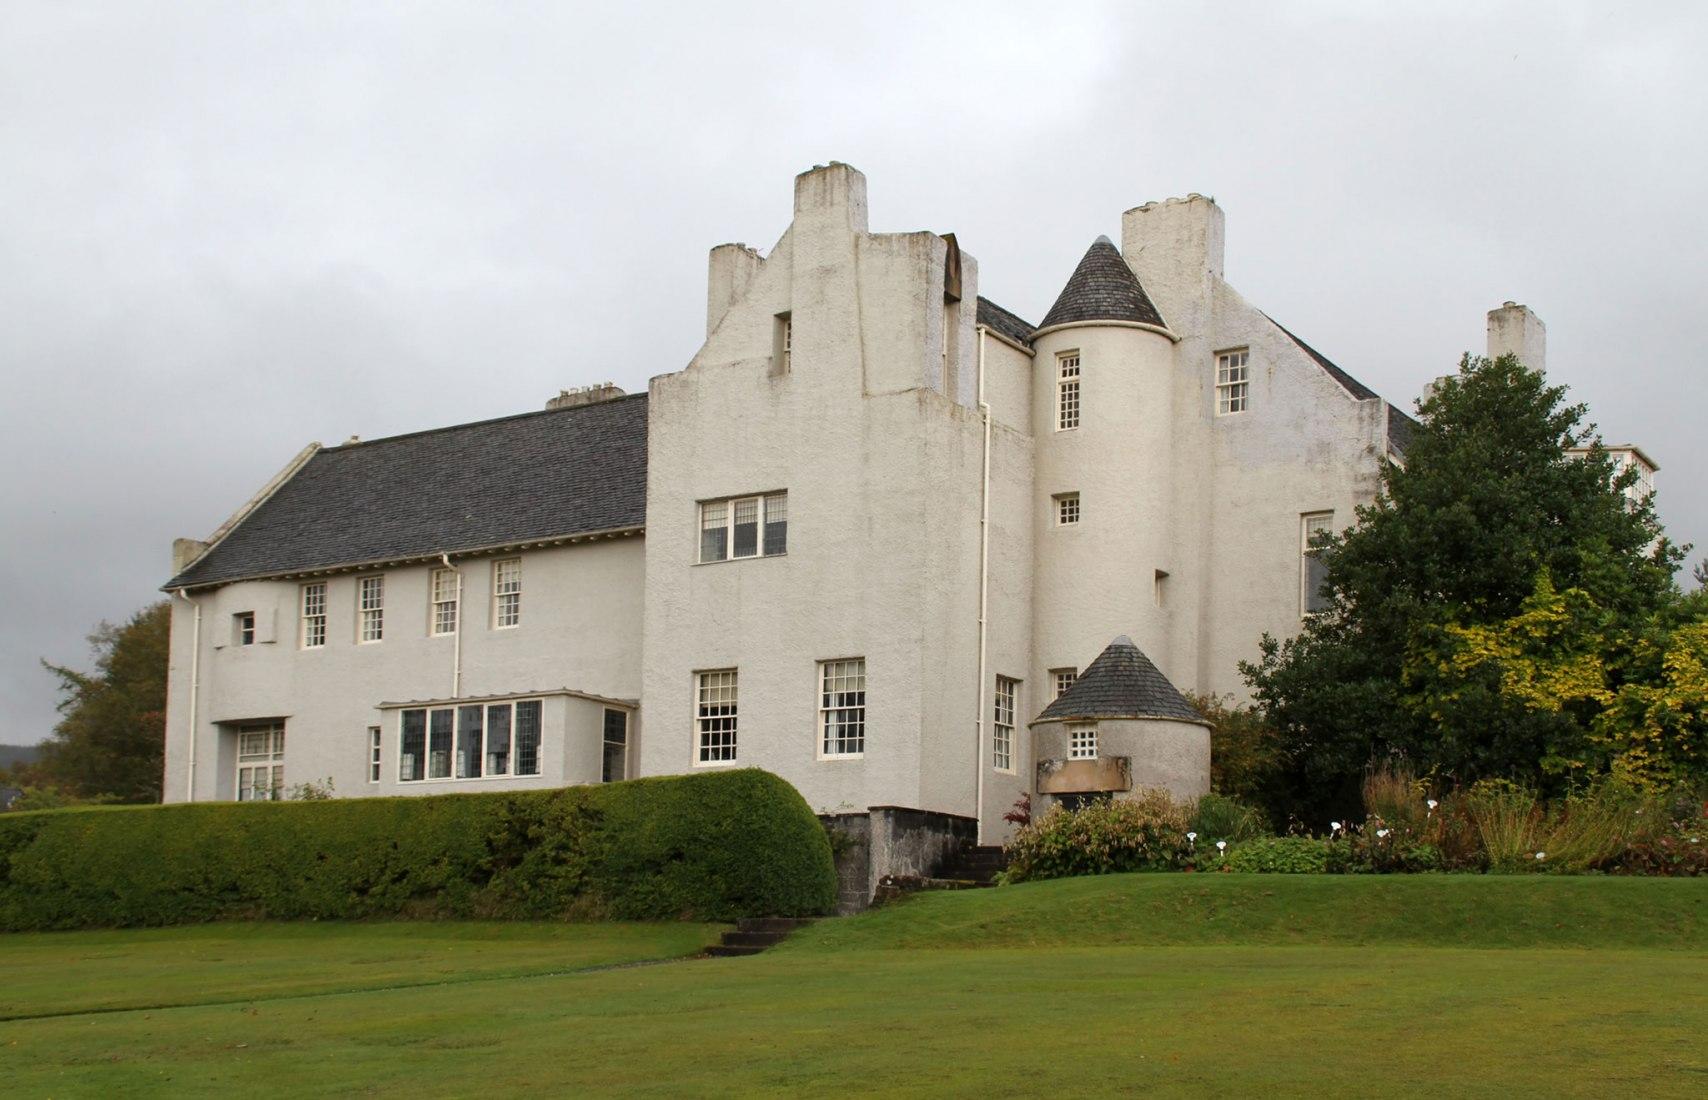 La Casa de la Colina / Hill House en su estado actual. Fotografía por usuario de Flickr hisgett. Licencia bajo CC BY 2.0